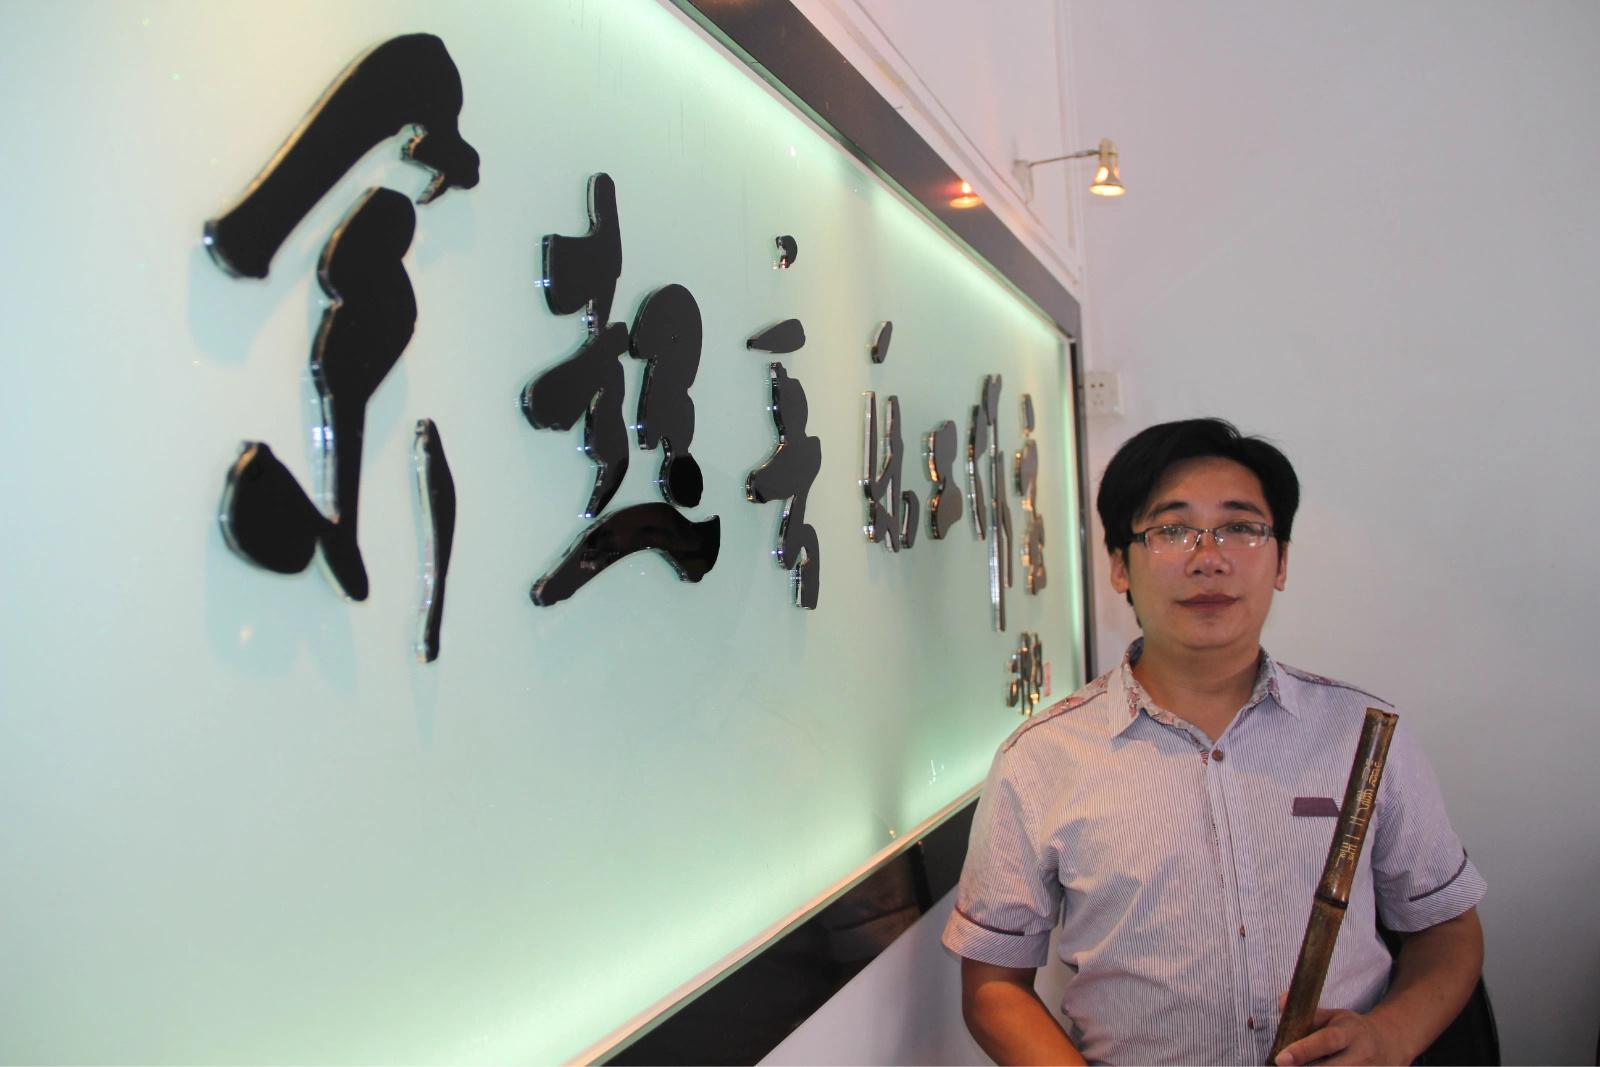 麓山曲竹笛箫品牌创始人-陈老师